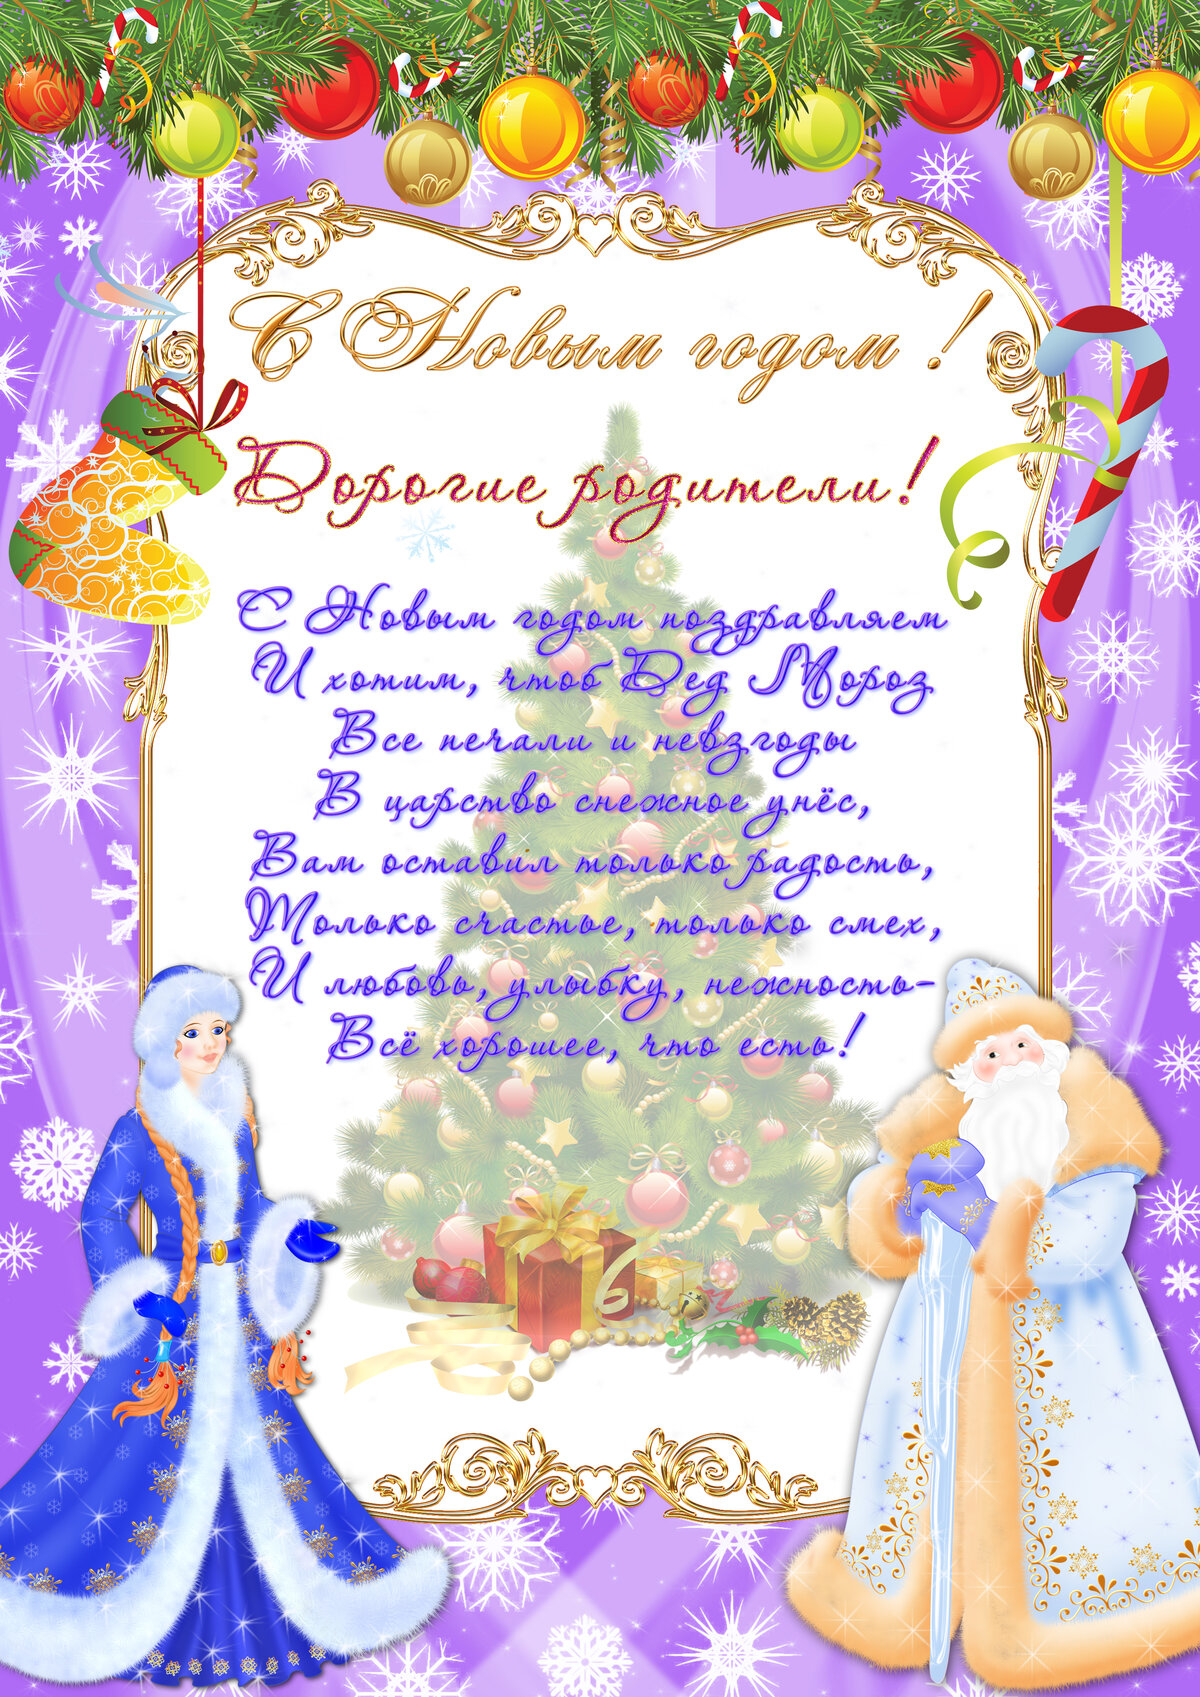 Как в открытки поздравить родителей с новым годом, сиф днем